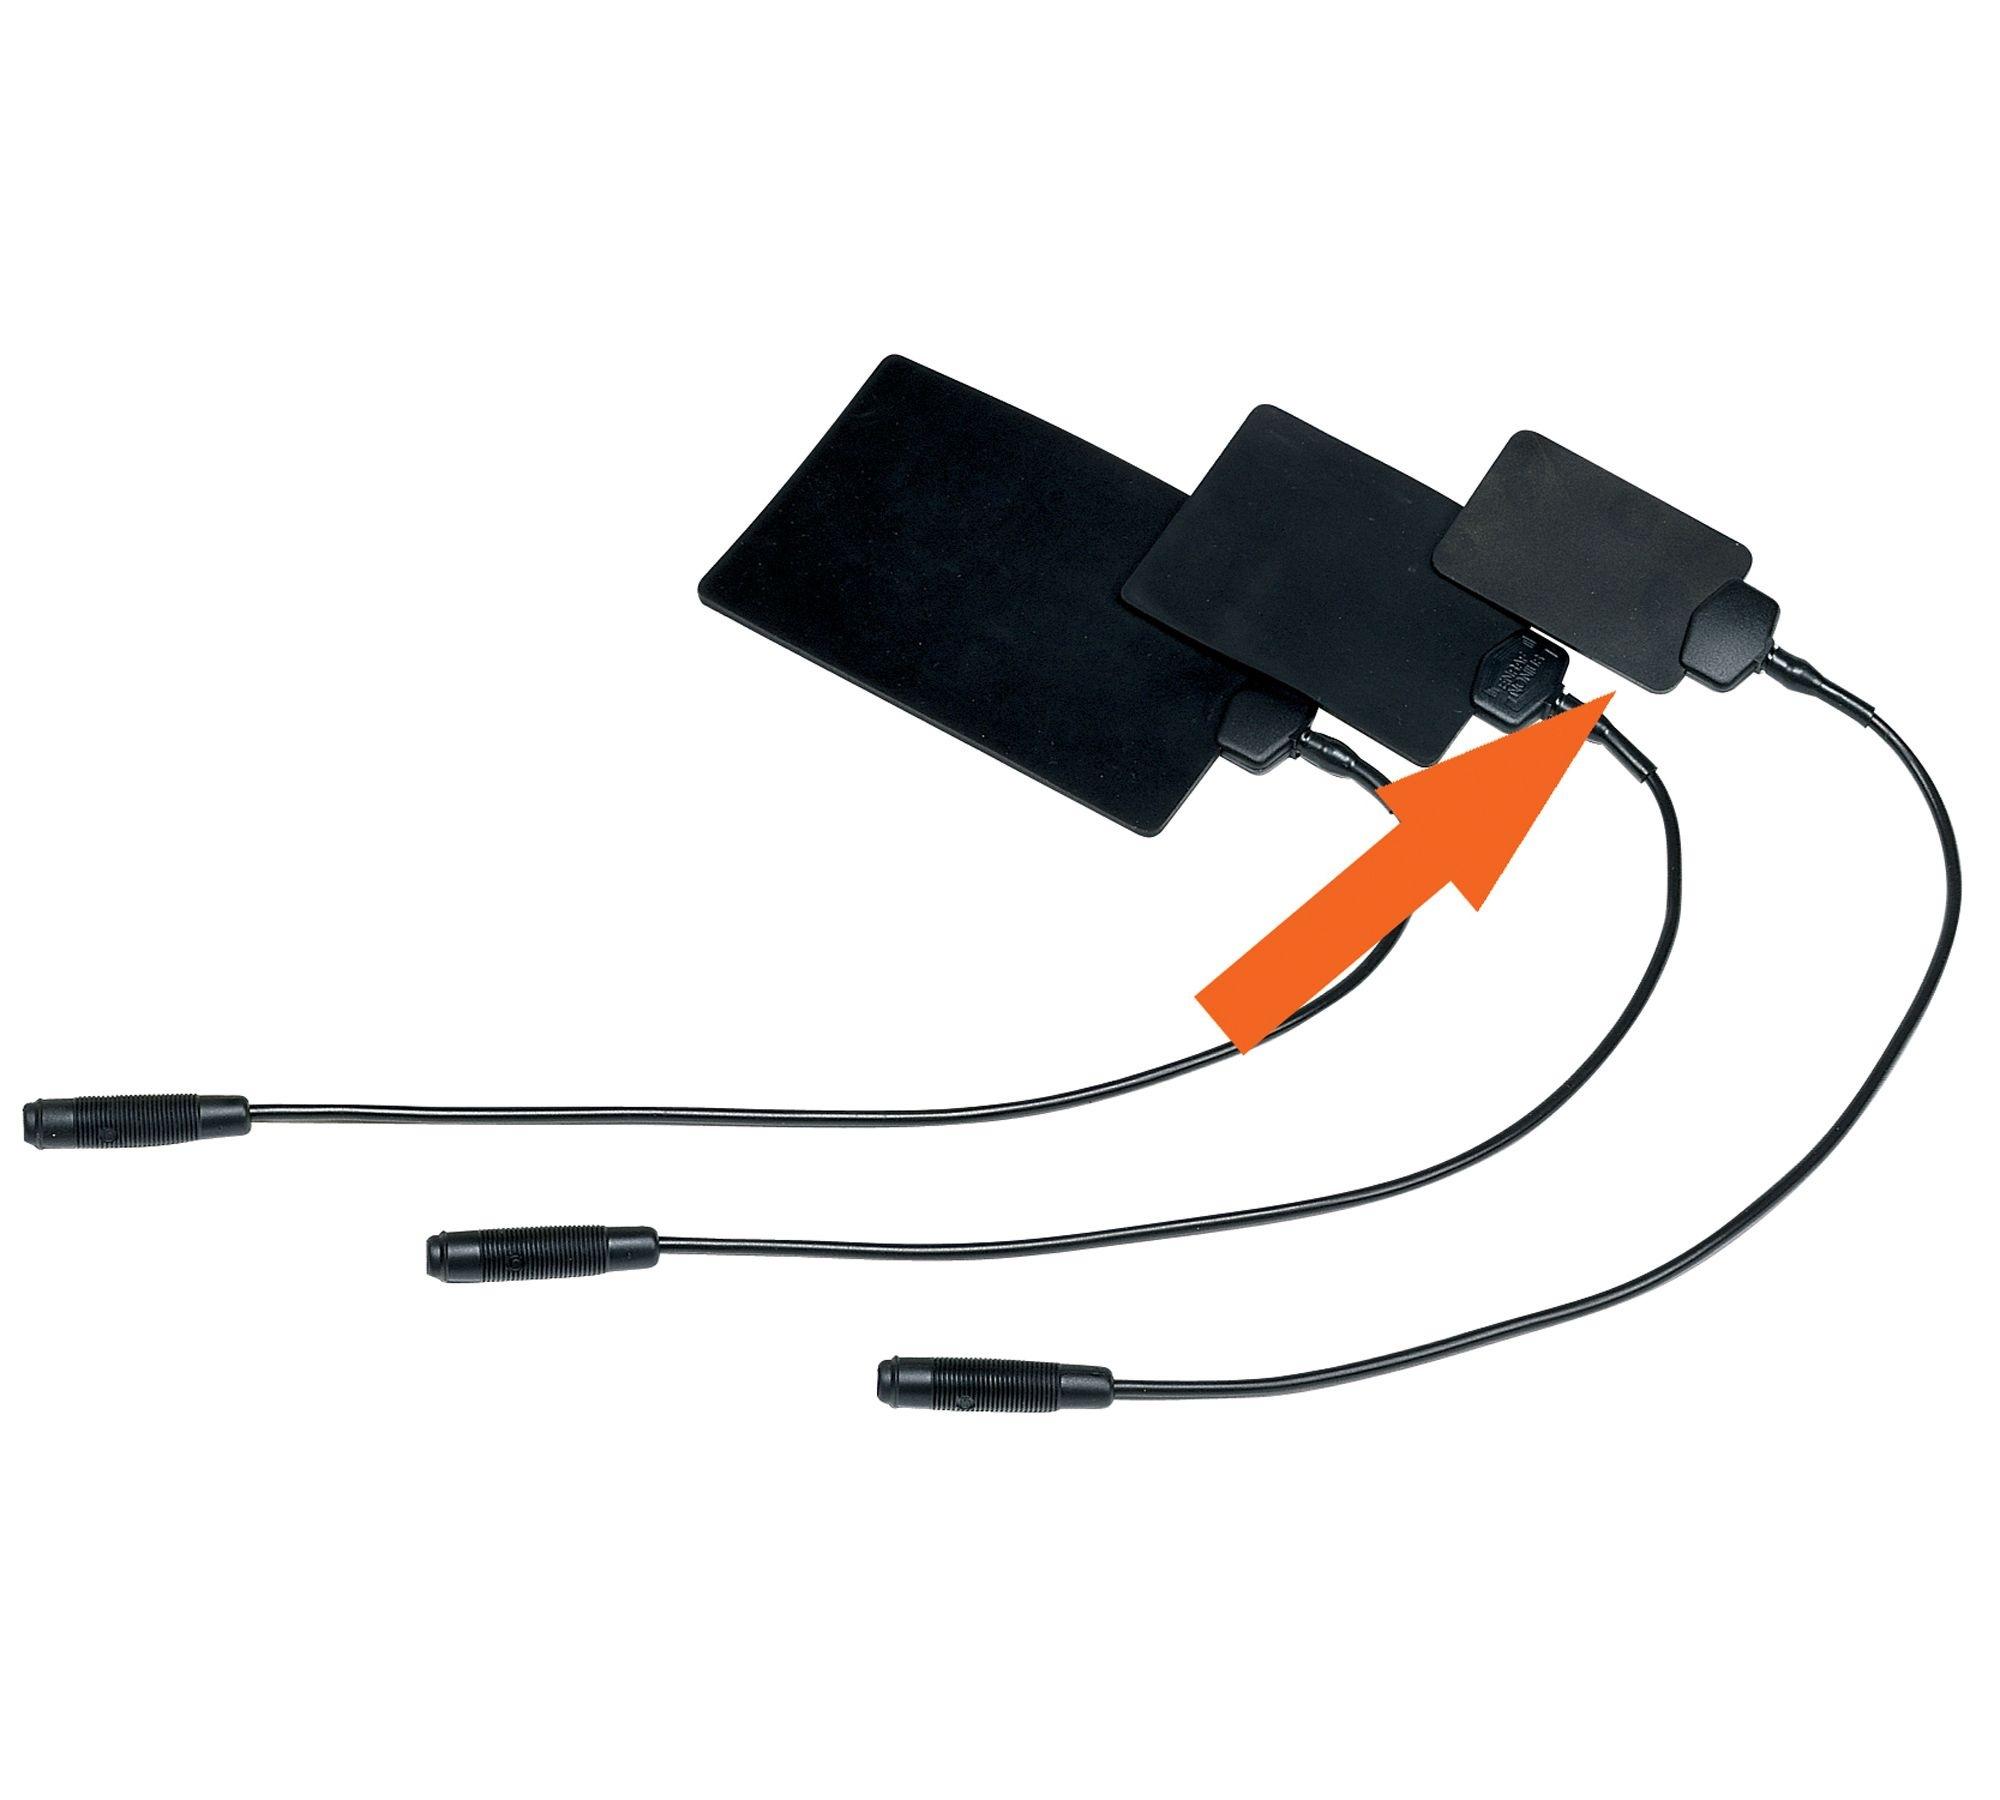 Электроды гибкие резиновые Enraf-Nonius, 4х6 см, 6х8 см, 8х12 см